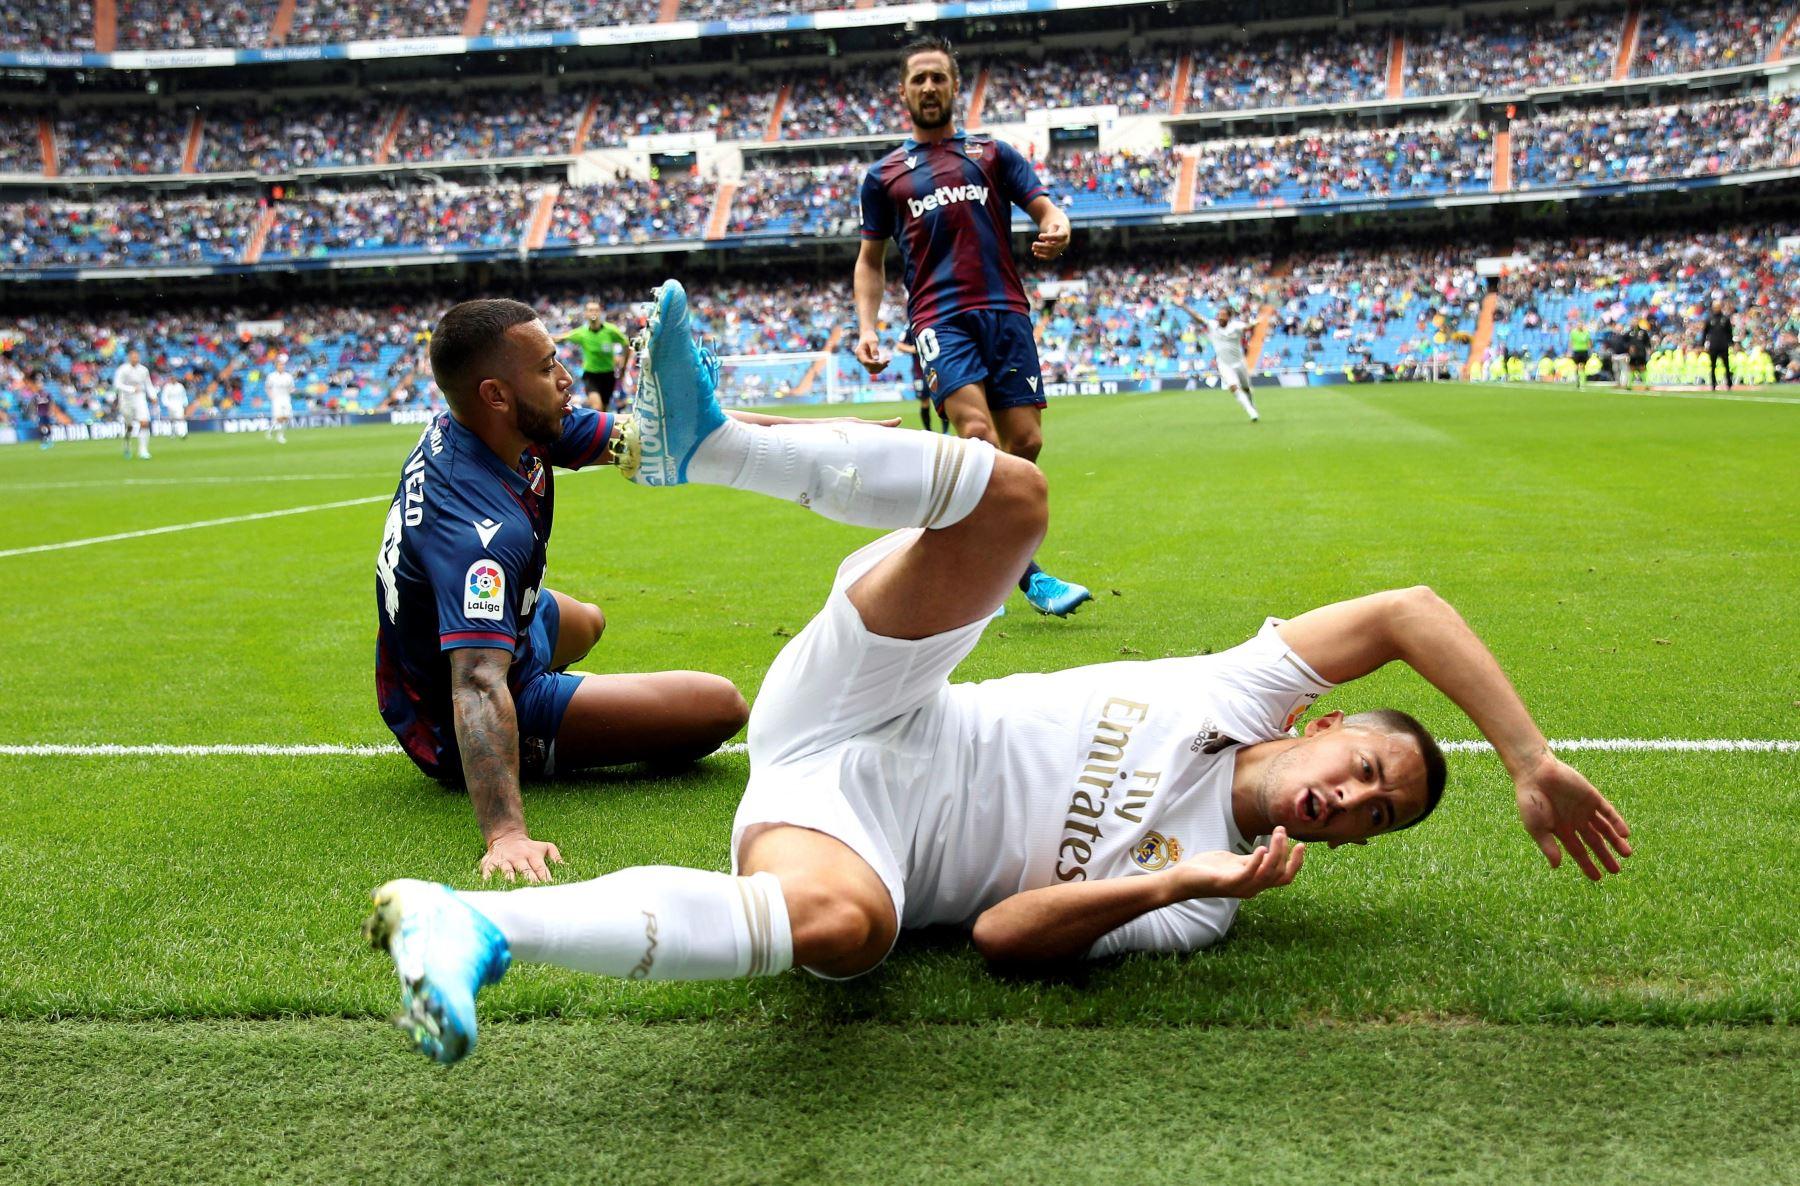 Real Madrid vence 3-2 al Levante. Eden Hazard (d) y el portugués Rubén Vezo disputan el balón. Foto: EFE